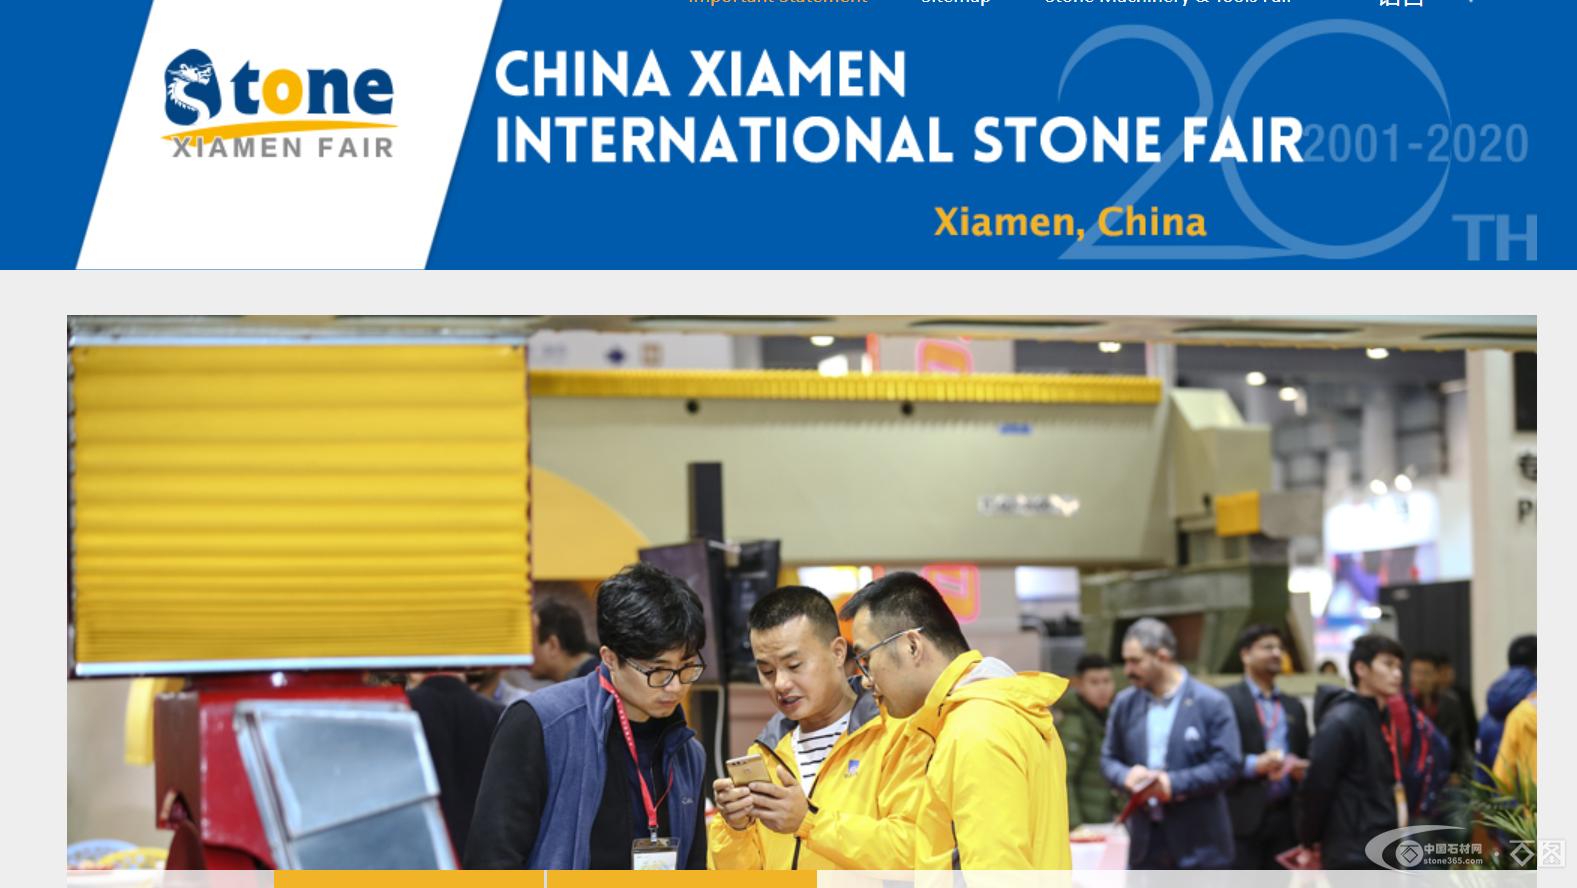 重要通知:2020年厦门国际石材展将延期至6月6--9日举办!